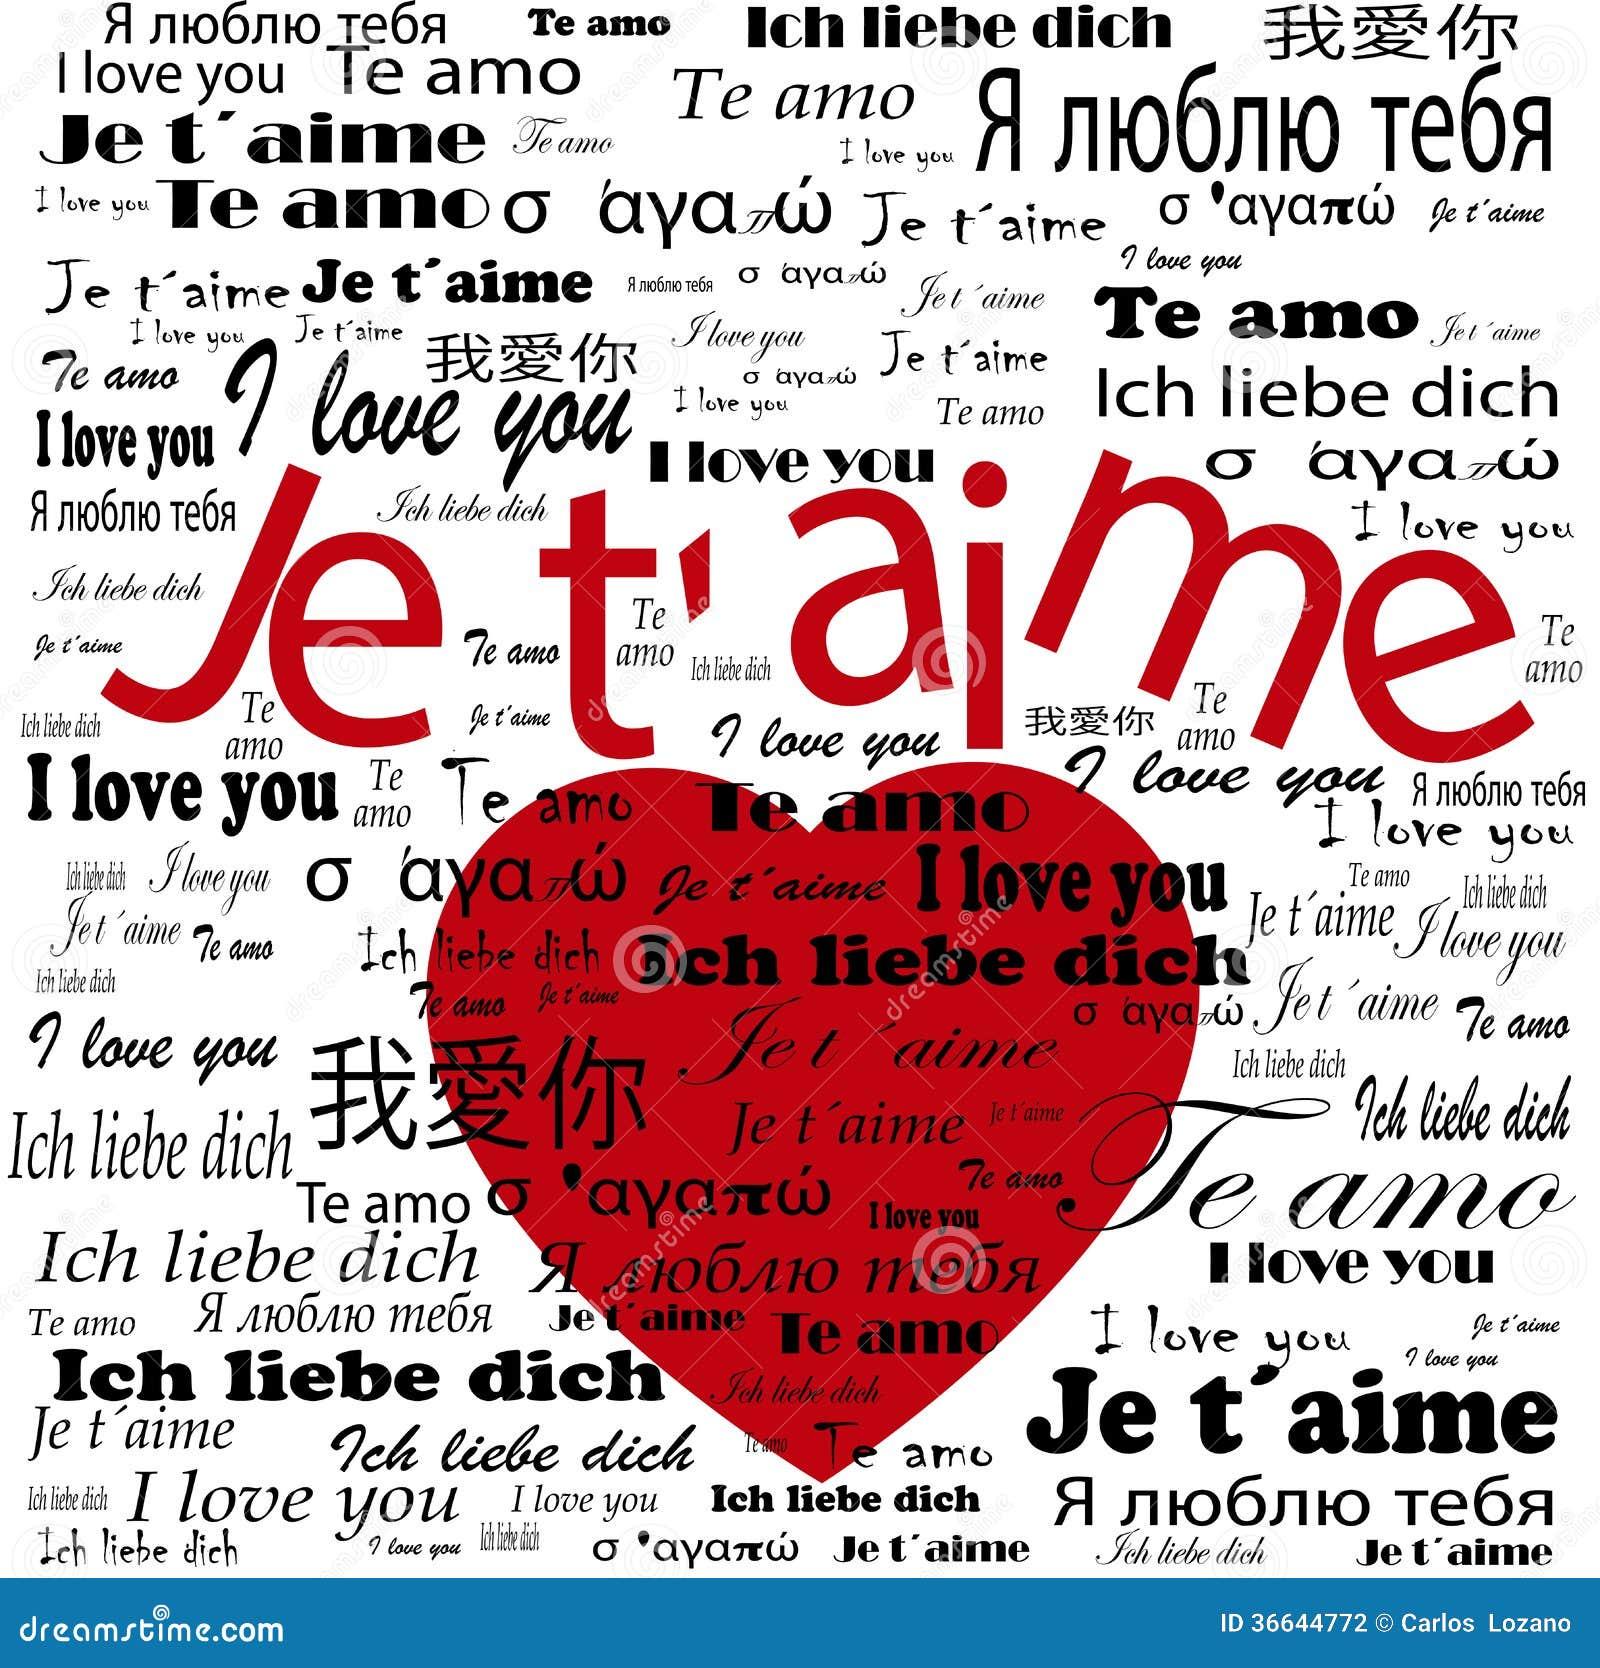 How to write i love u in different languages what is modern essay how to write i love u in different languages altavistaventures Choice Image